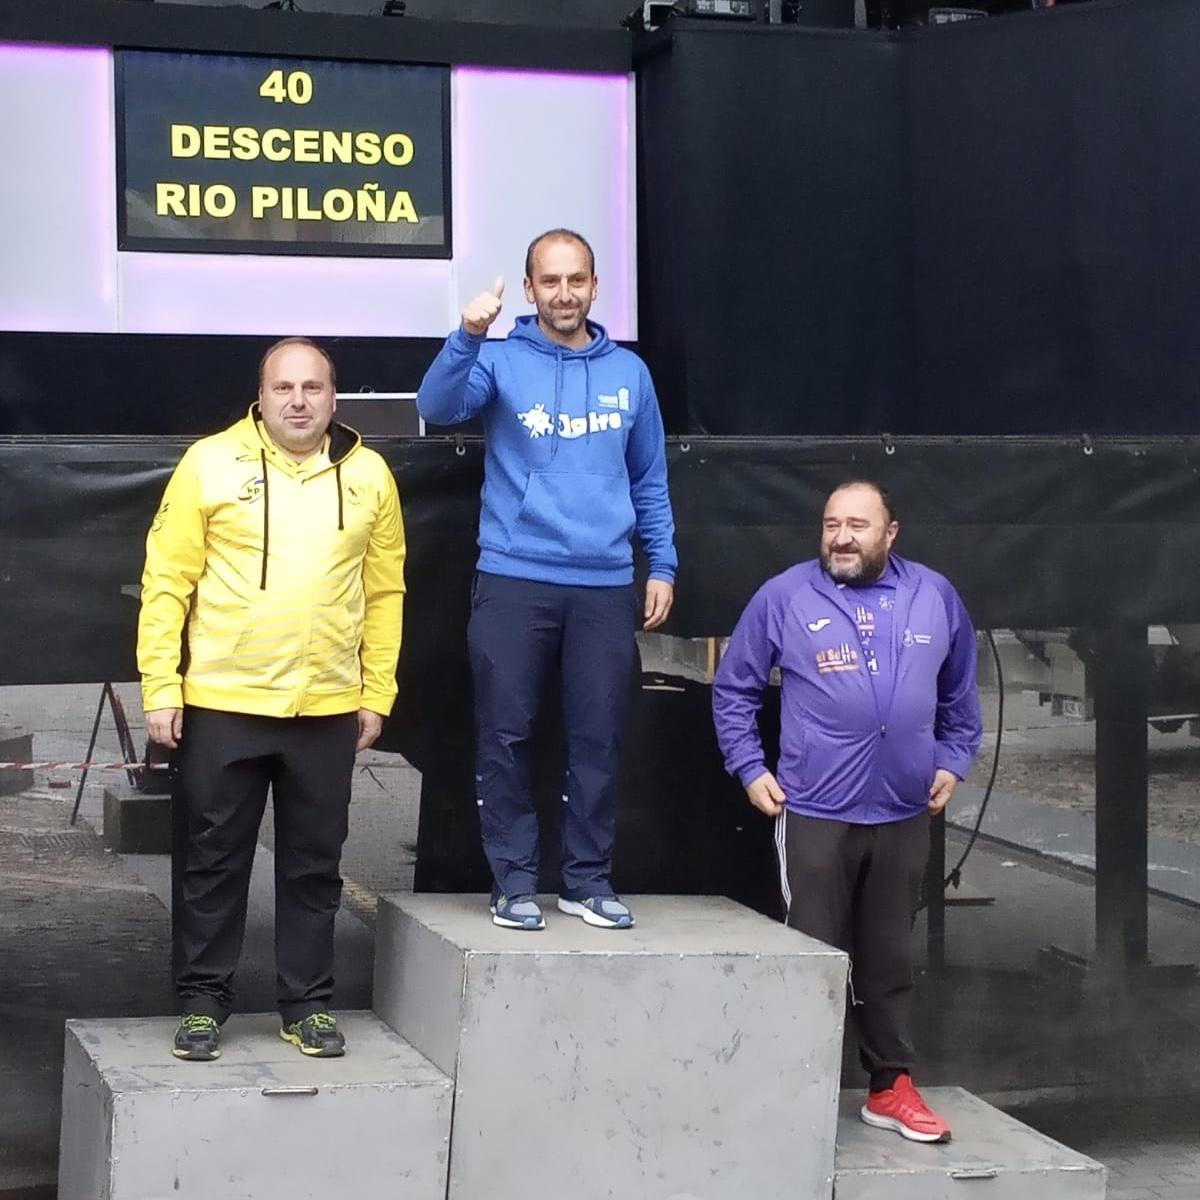 La K2 de Walter-Fiuza y el equipo de Los Rápidos ganan en el Descenso del Piloña